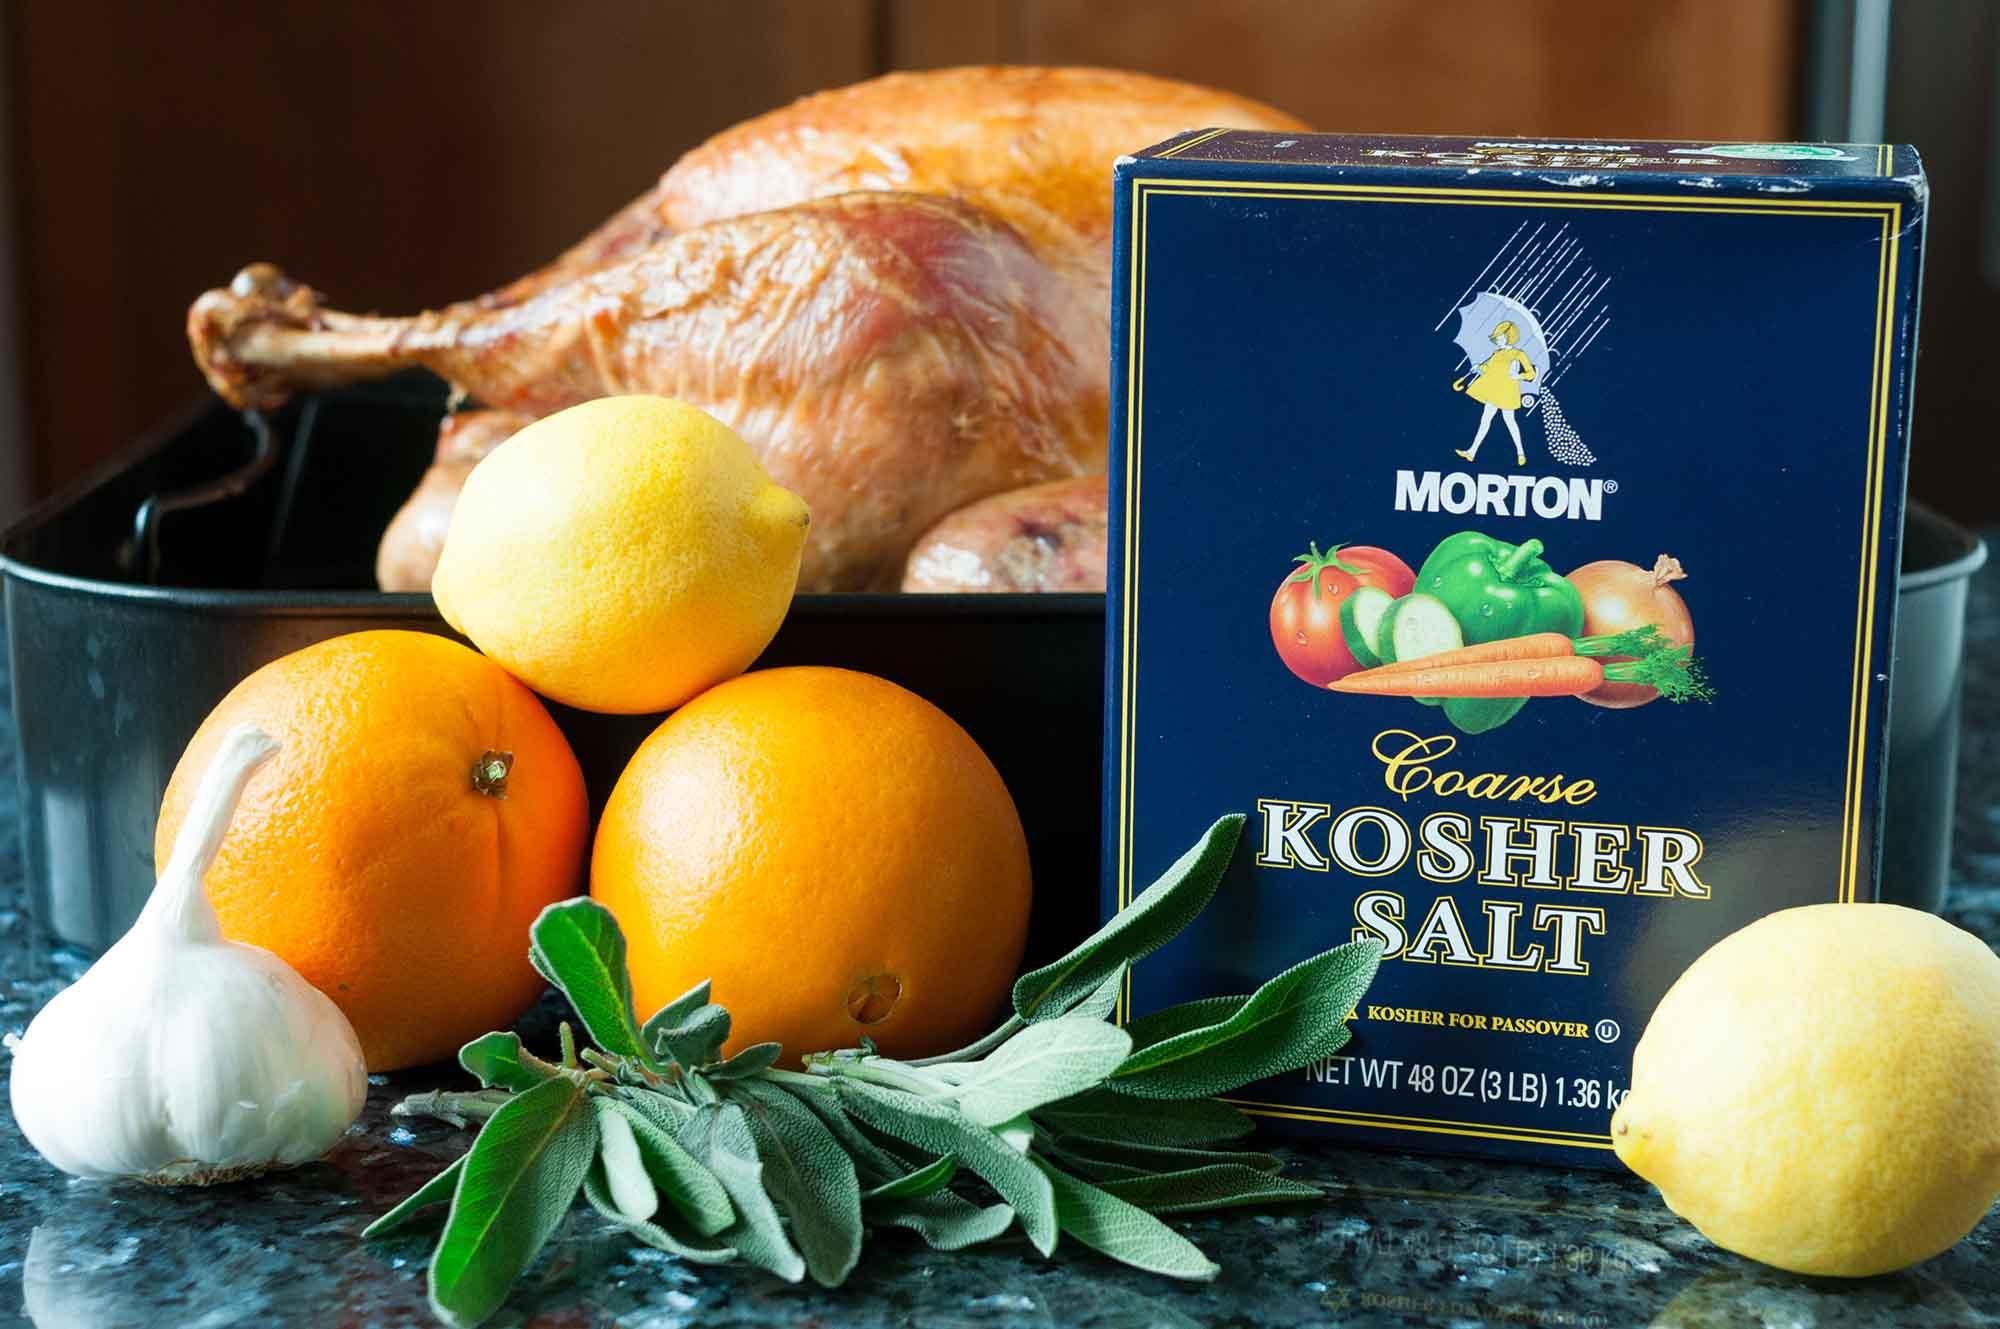 Easy Turkey Brine simple ingredients for turkey brine citrus, garlic and sage